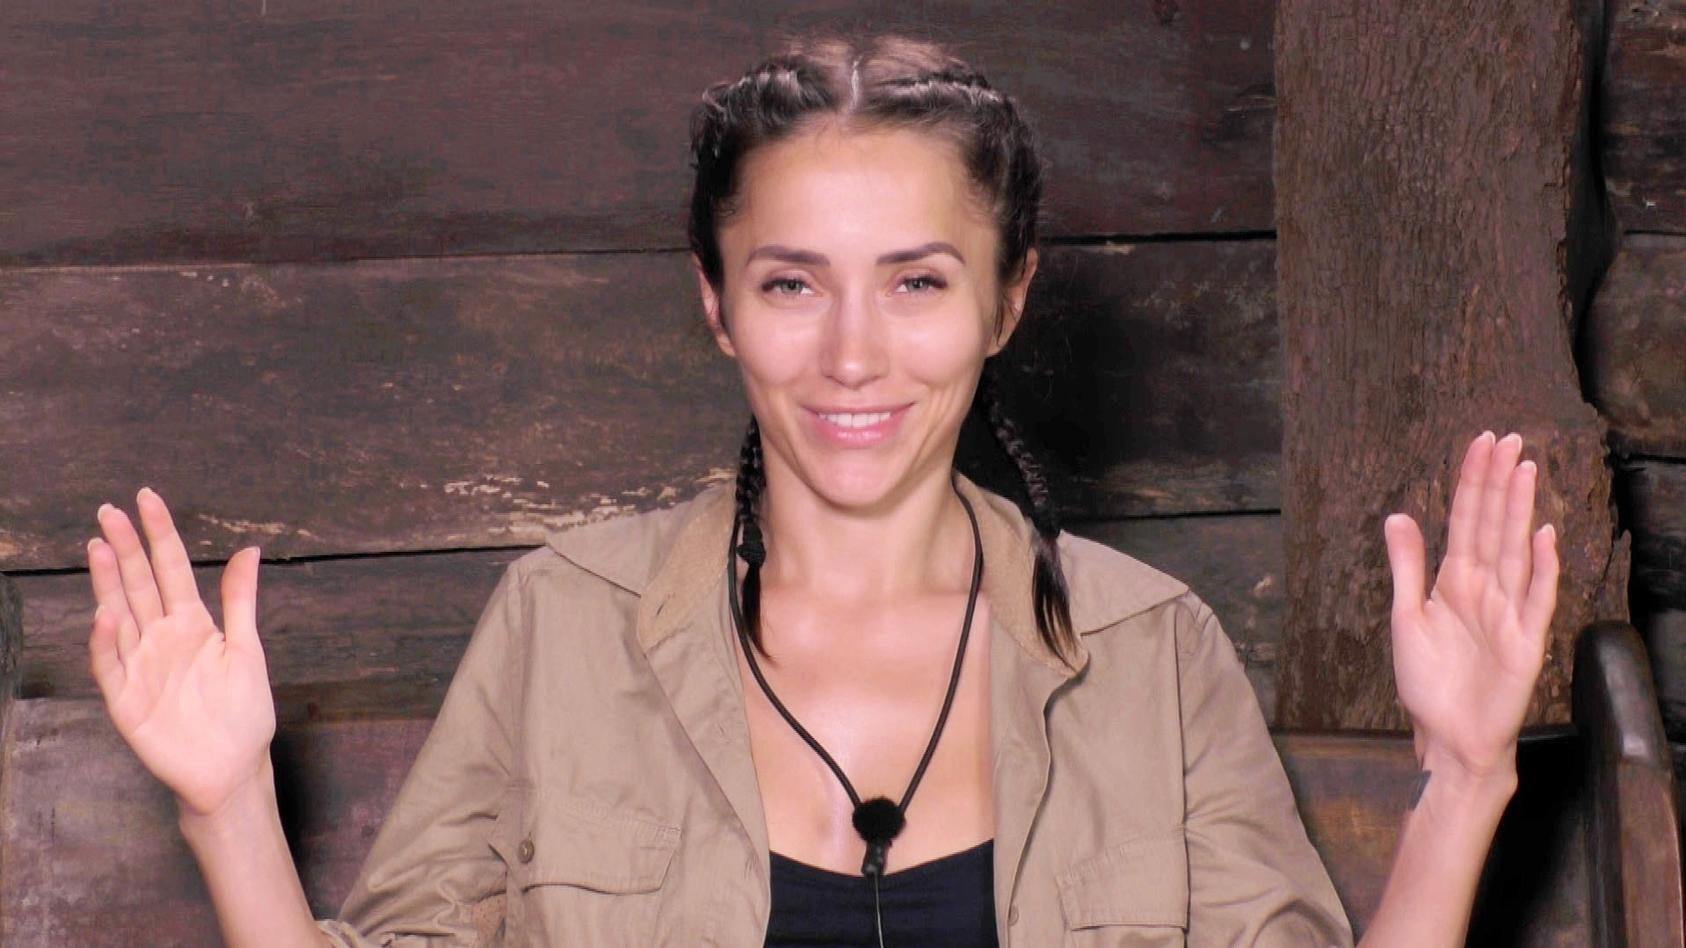 Zumindest im Dschungelcamp war Anastasiya Avilova meist bekleidet.